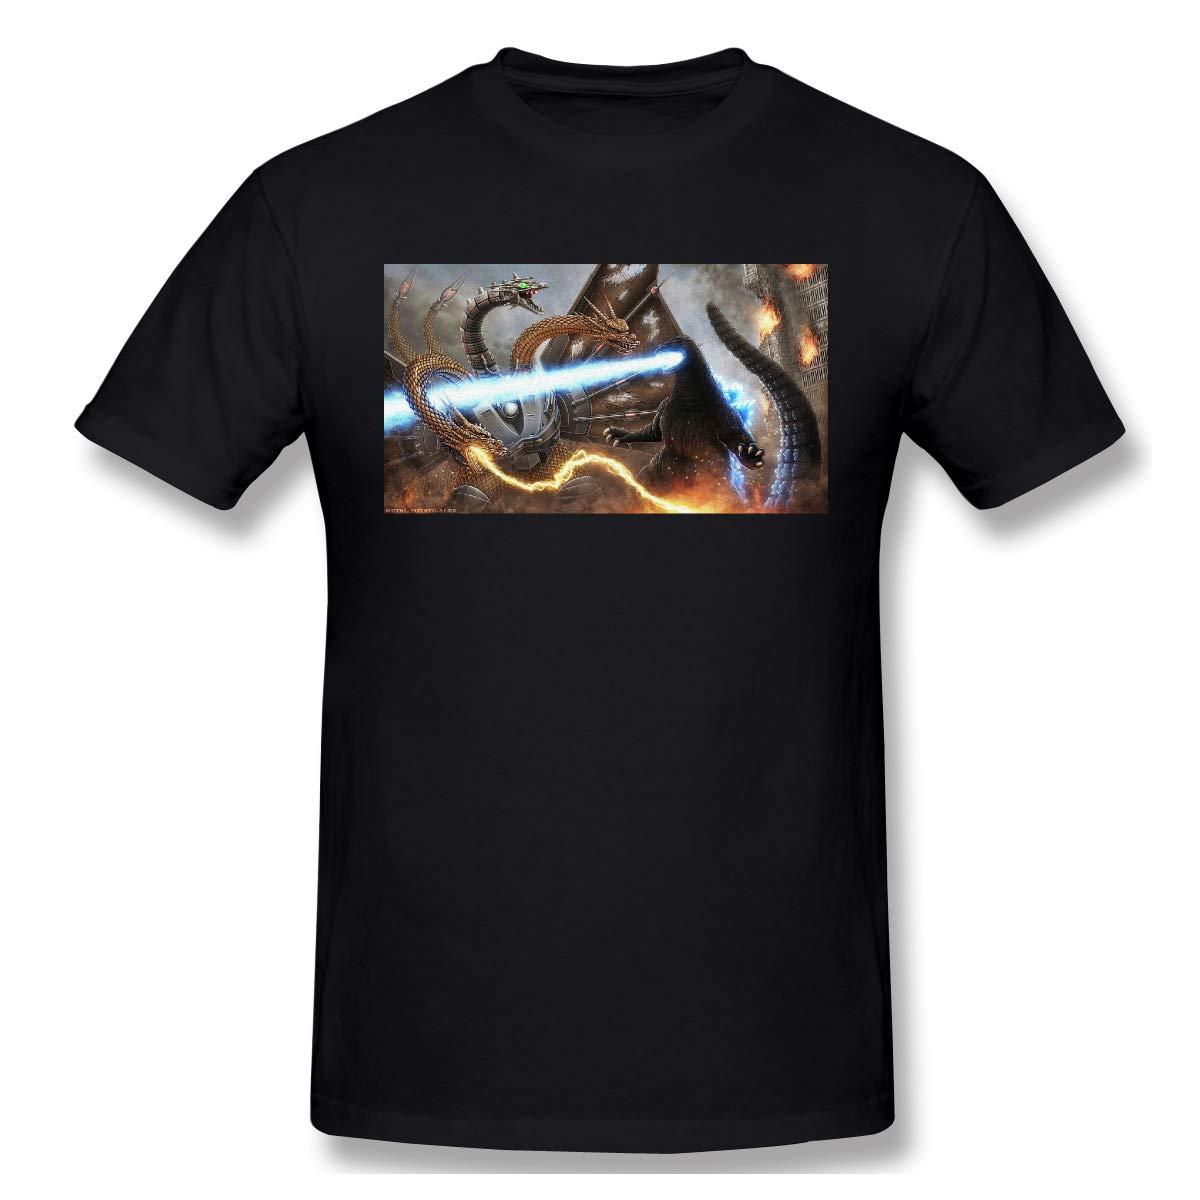 Vfde Godzilla Comfortable 3454 Shirts